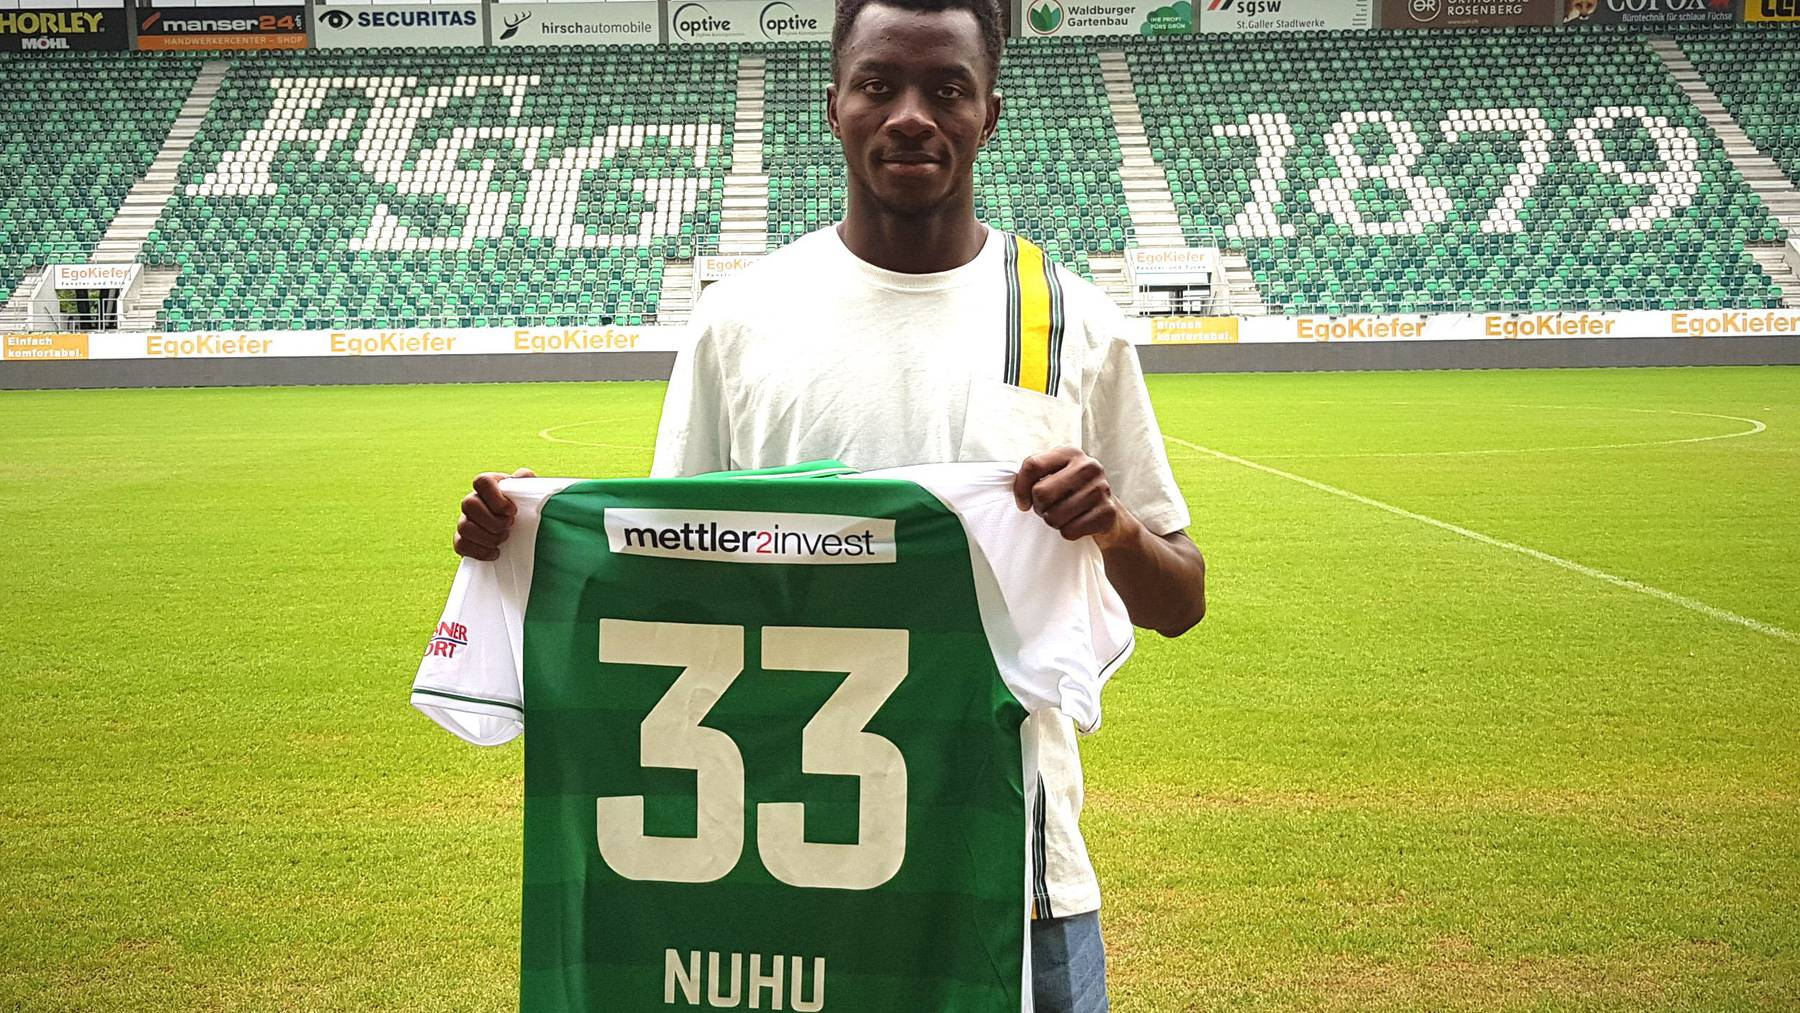 Der 21-jährige Musah Nuhu wird die Nummer 33 tragen.